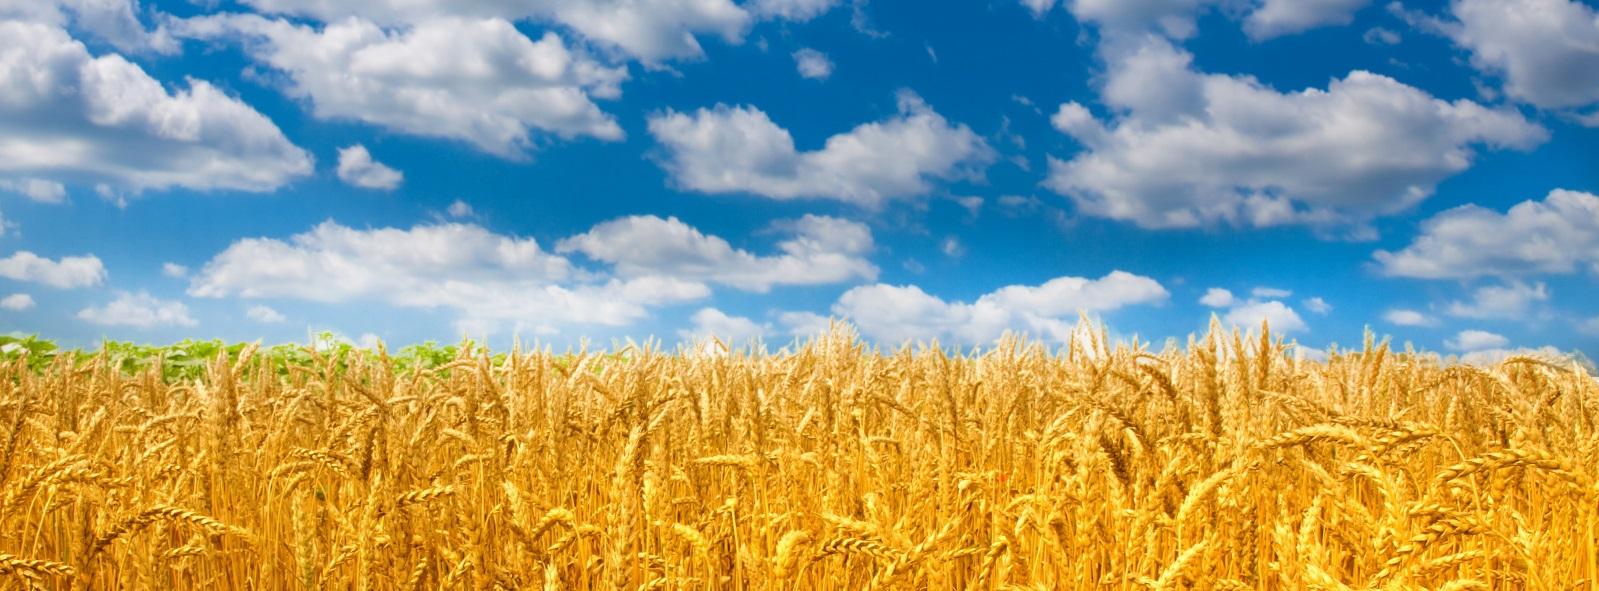 30 лет на рынке сельского хозяйства